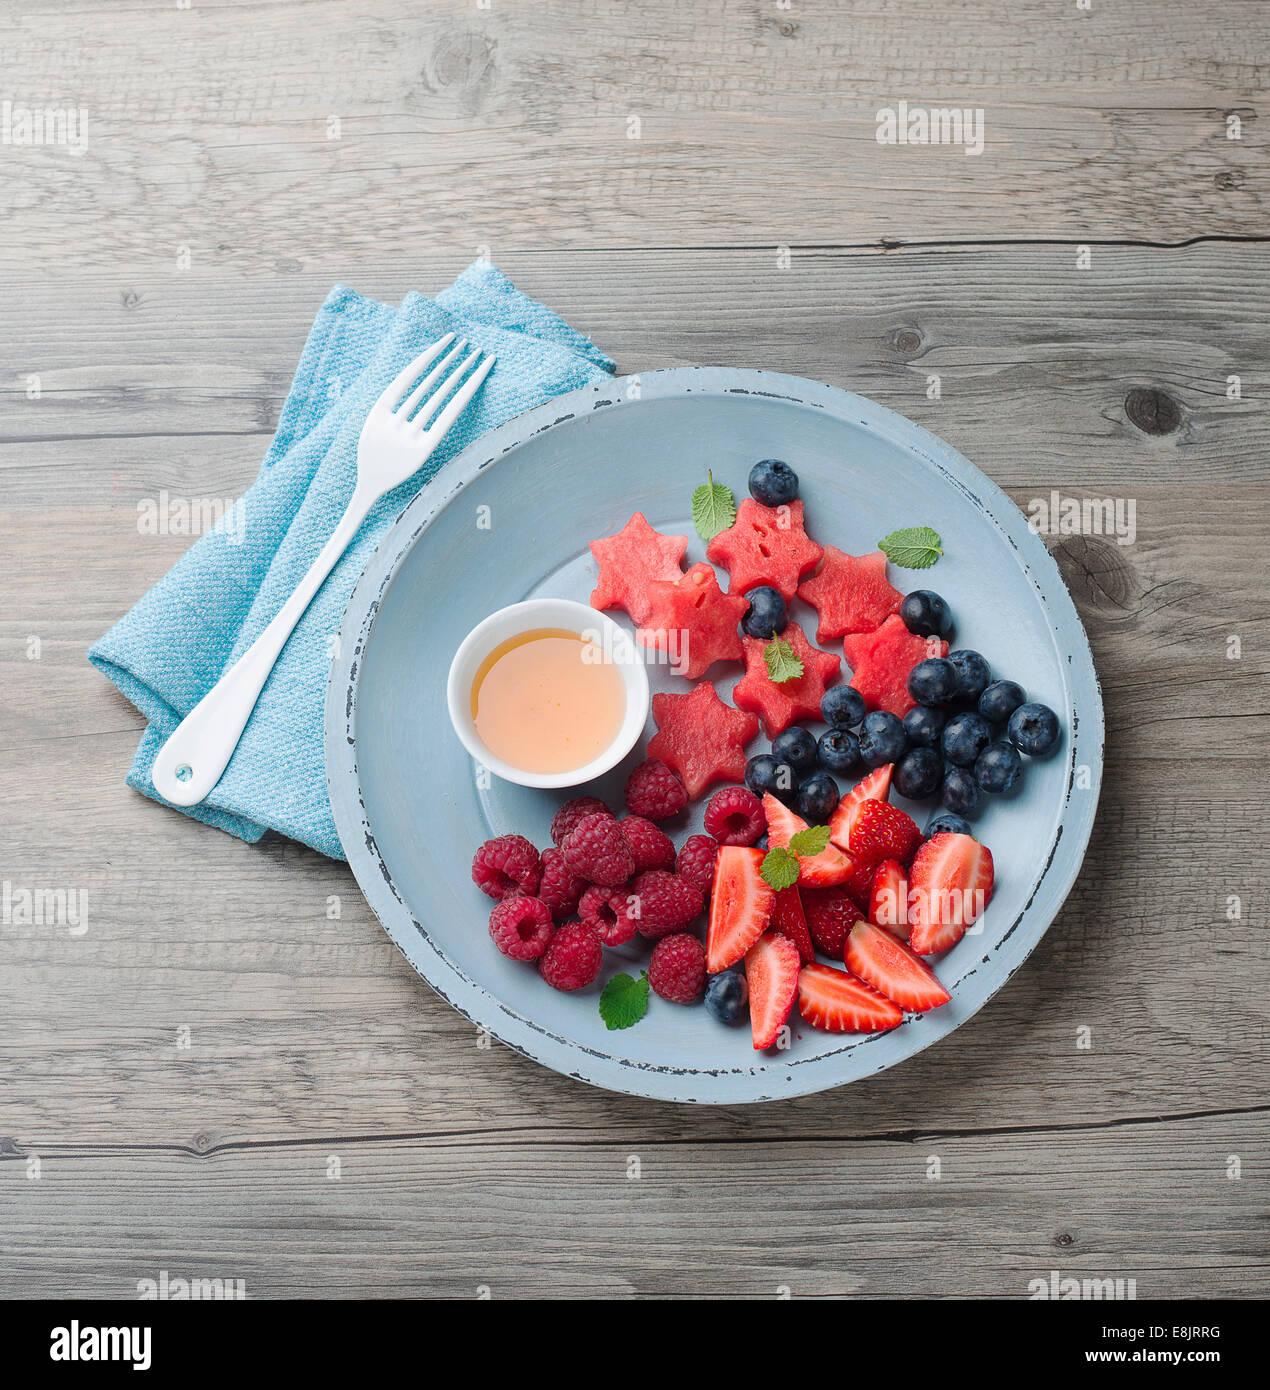 fresh fruits salad - Stock Image